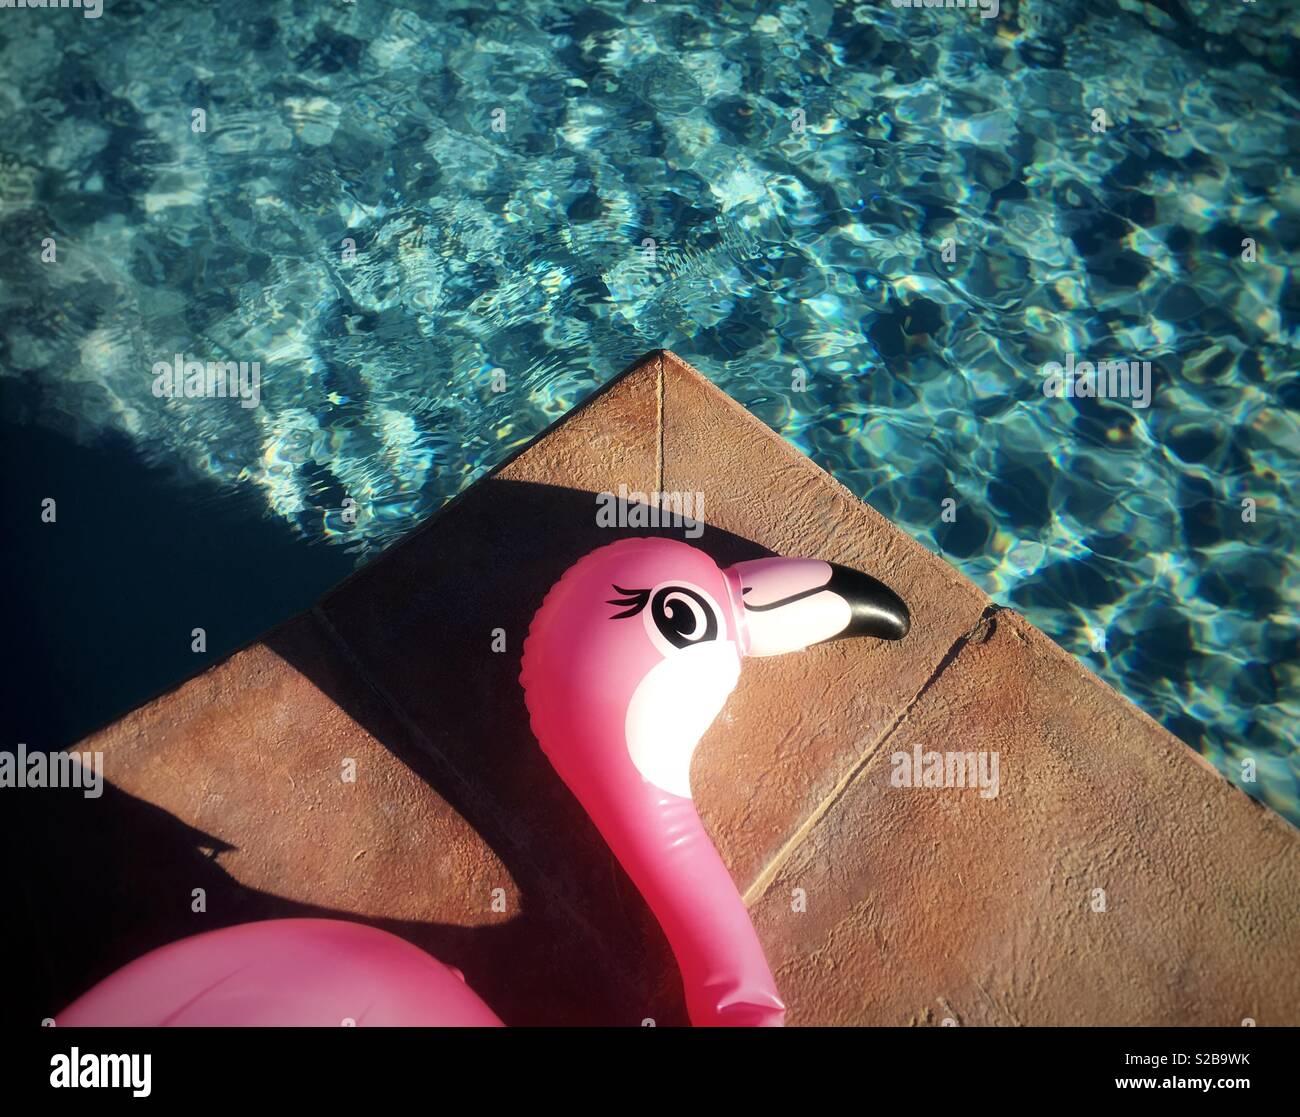 Gonfiabile fenicottero rosa a prendere il sole a bordo della piscina Immagini Stock